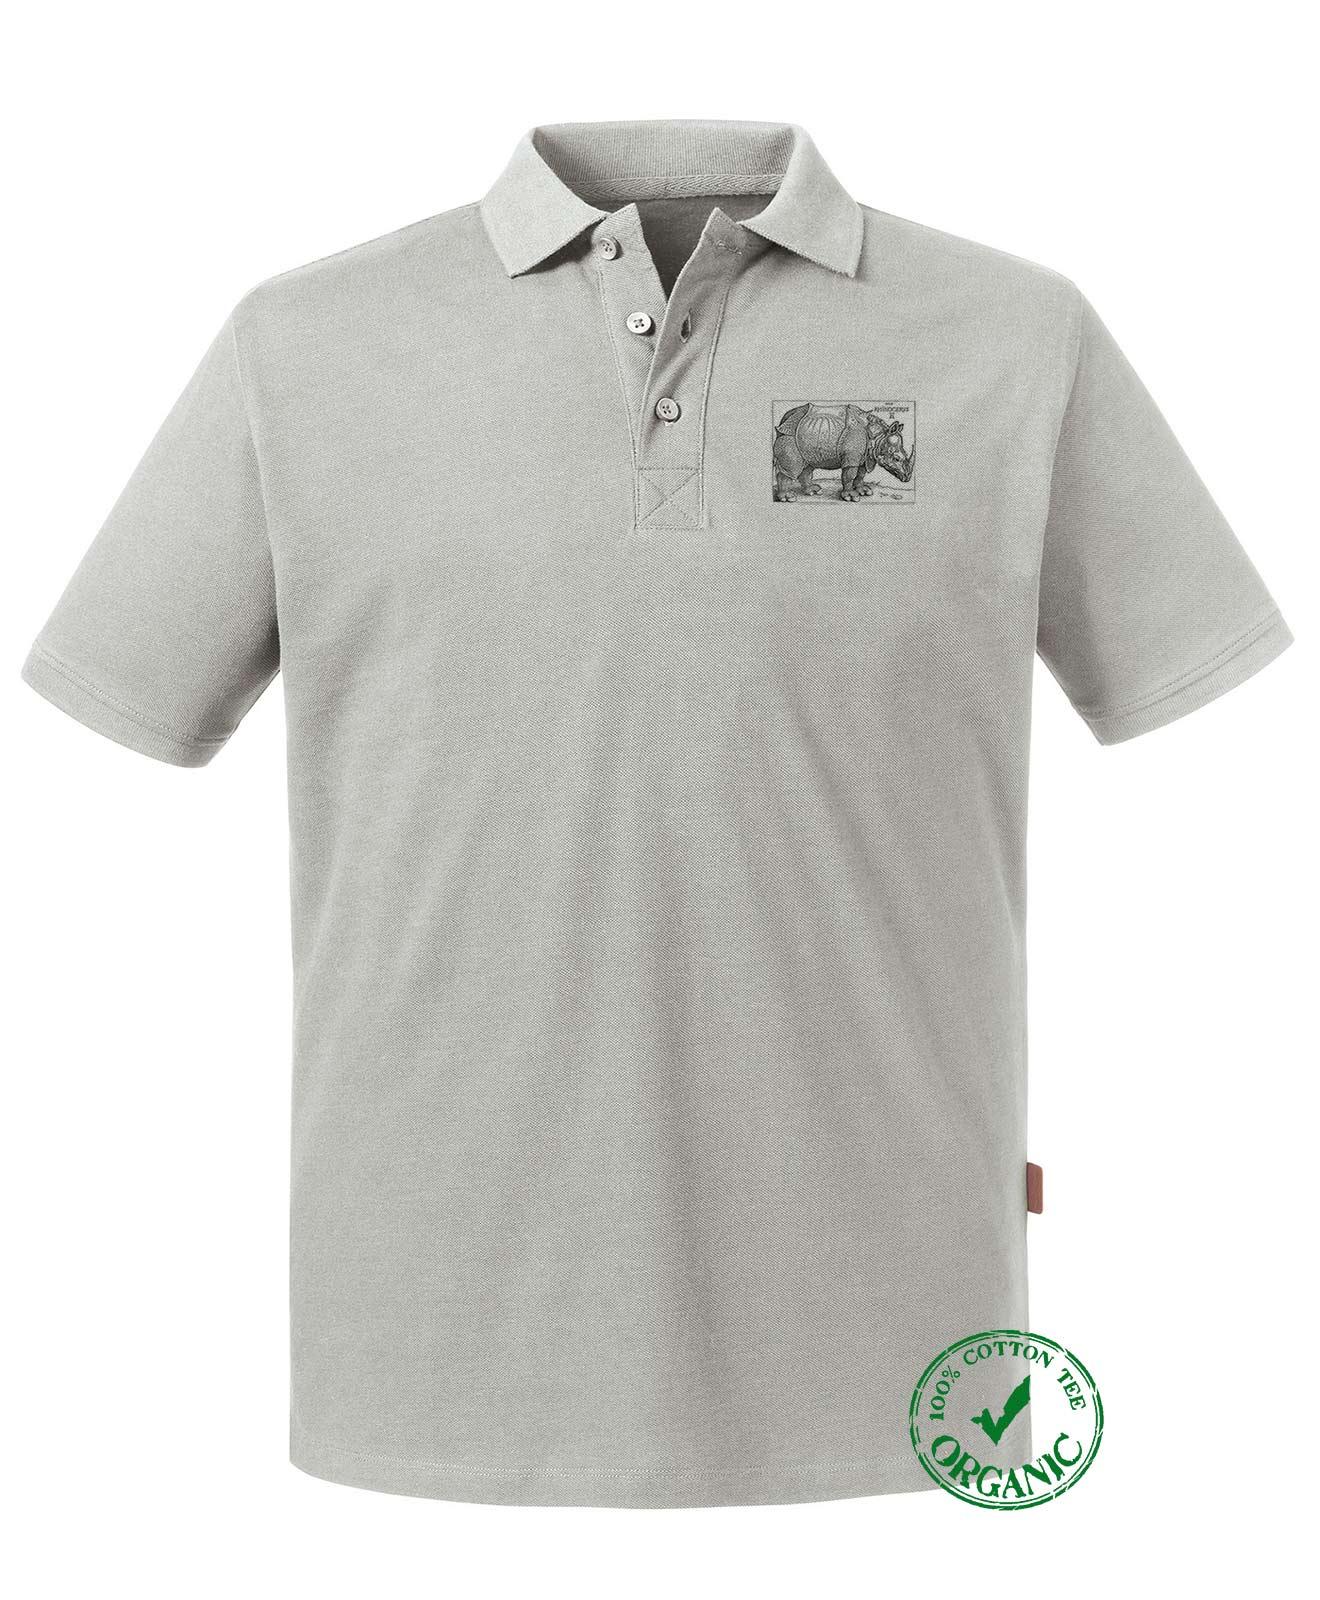 Rhinocerus Organic Polo Shirt